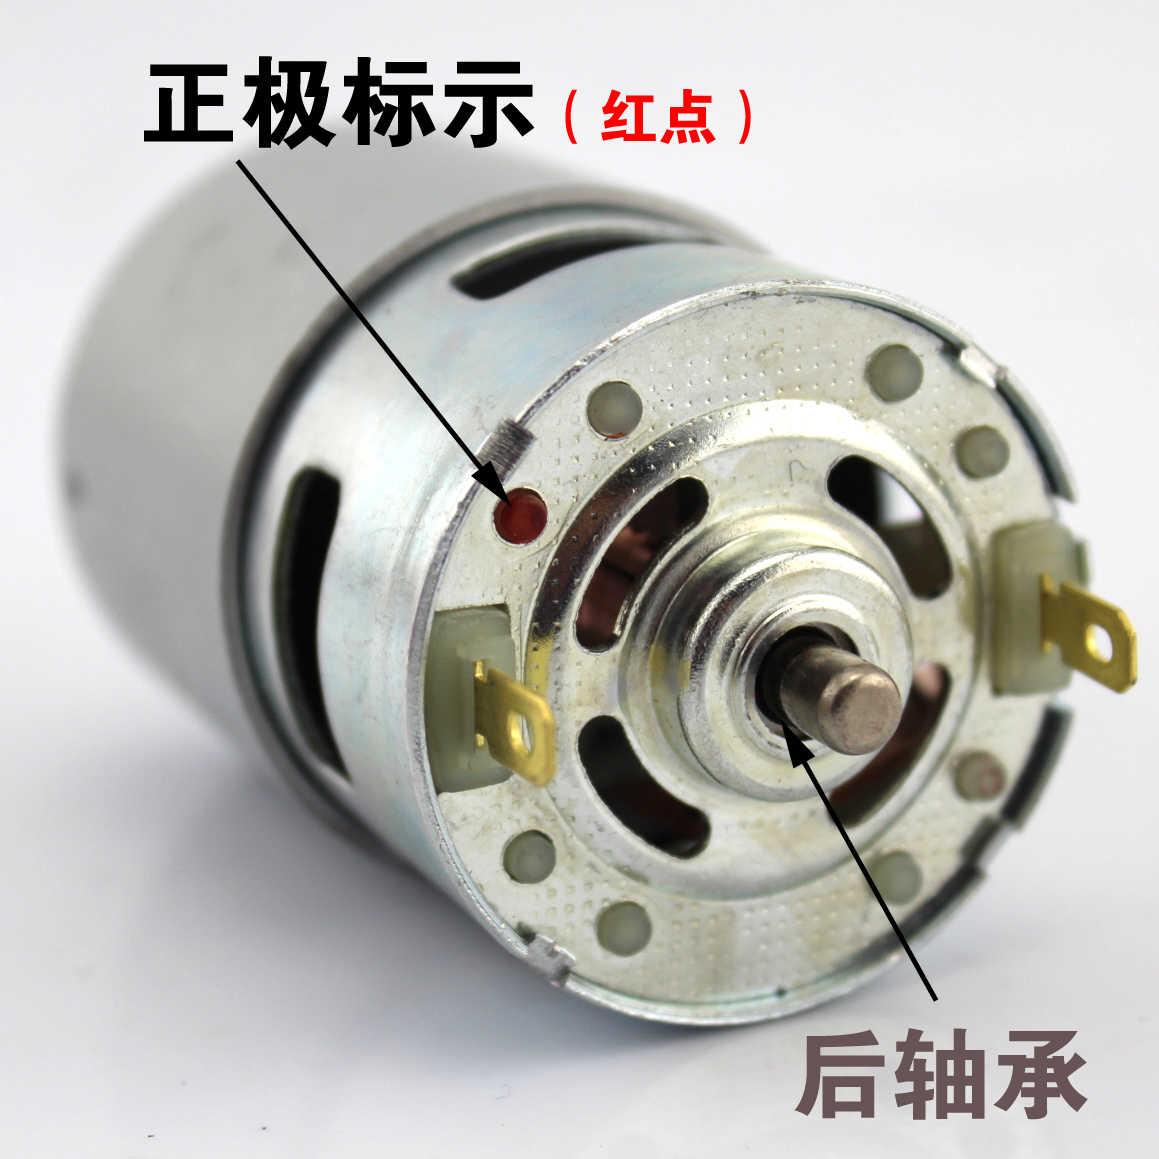 Rolamento de esfera dupla 775 motor (12 para 24 v) serra de mesa de alta velocidade grande torque do motor dc diy do motor